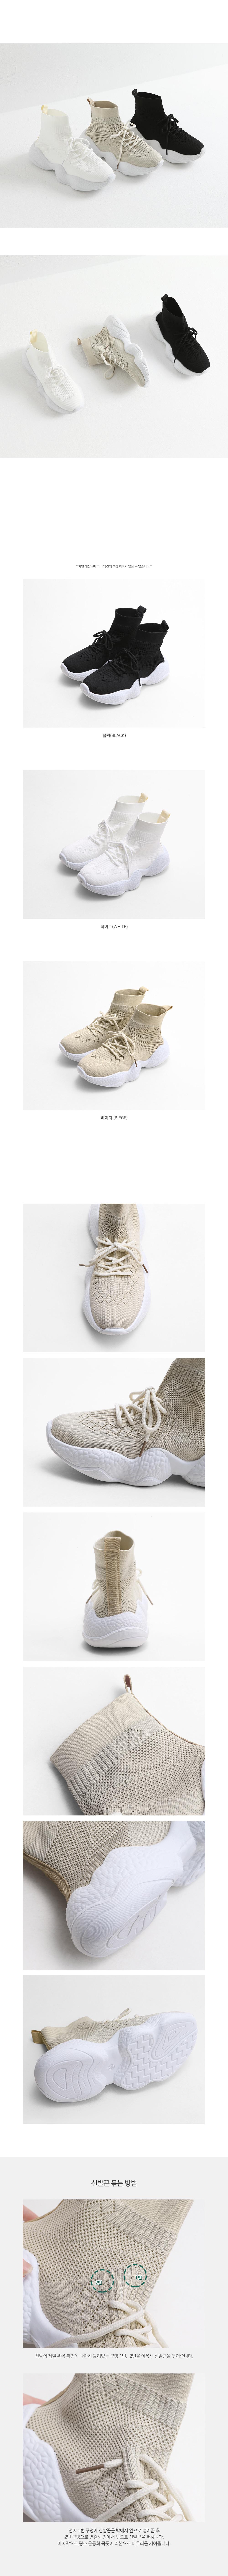 Pocky Socks Sneakers NE SNFBR3b8420